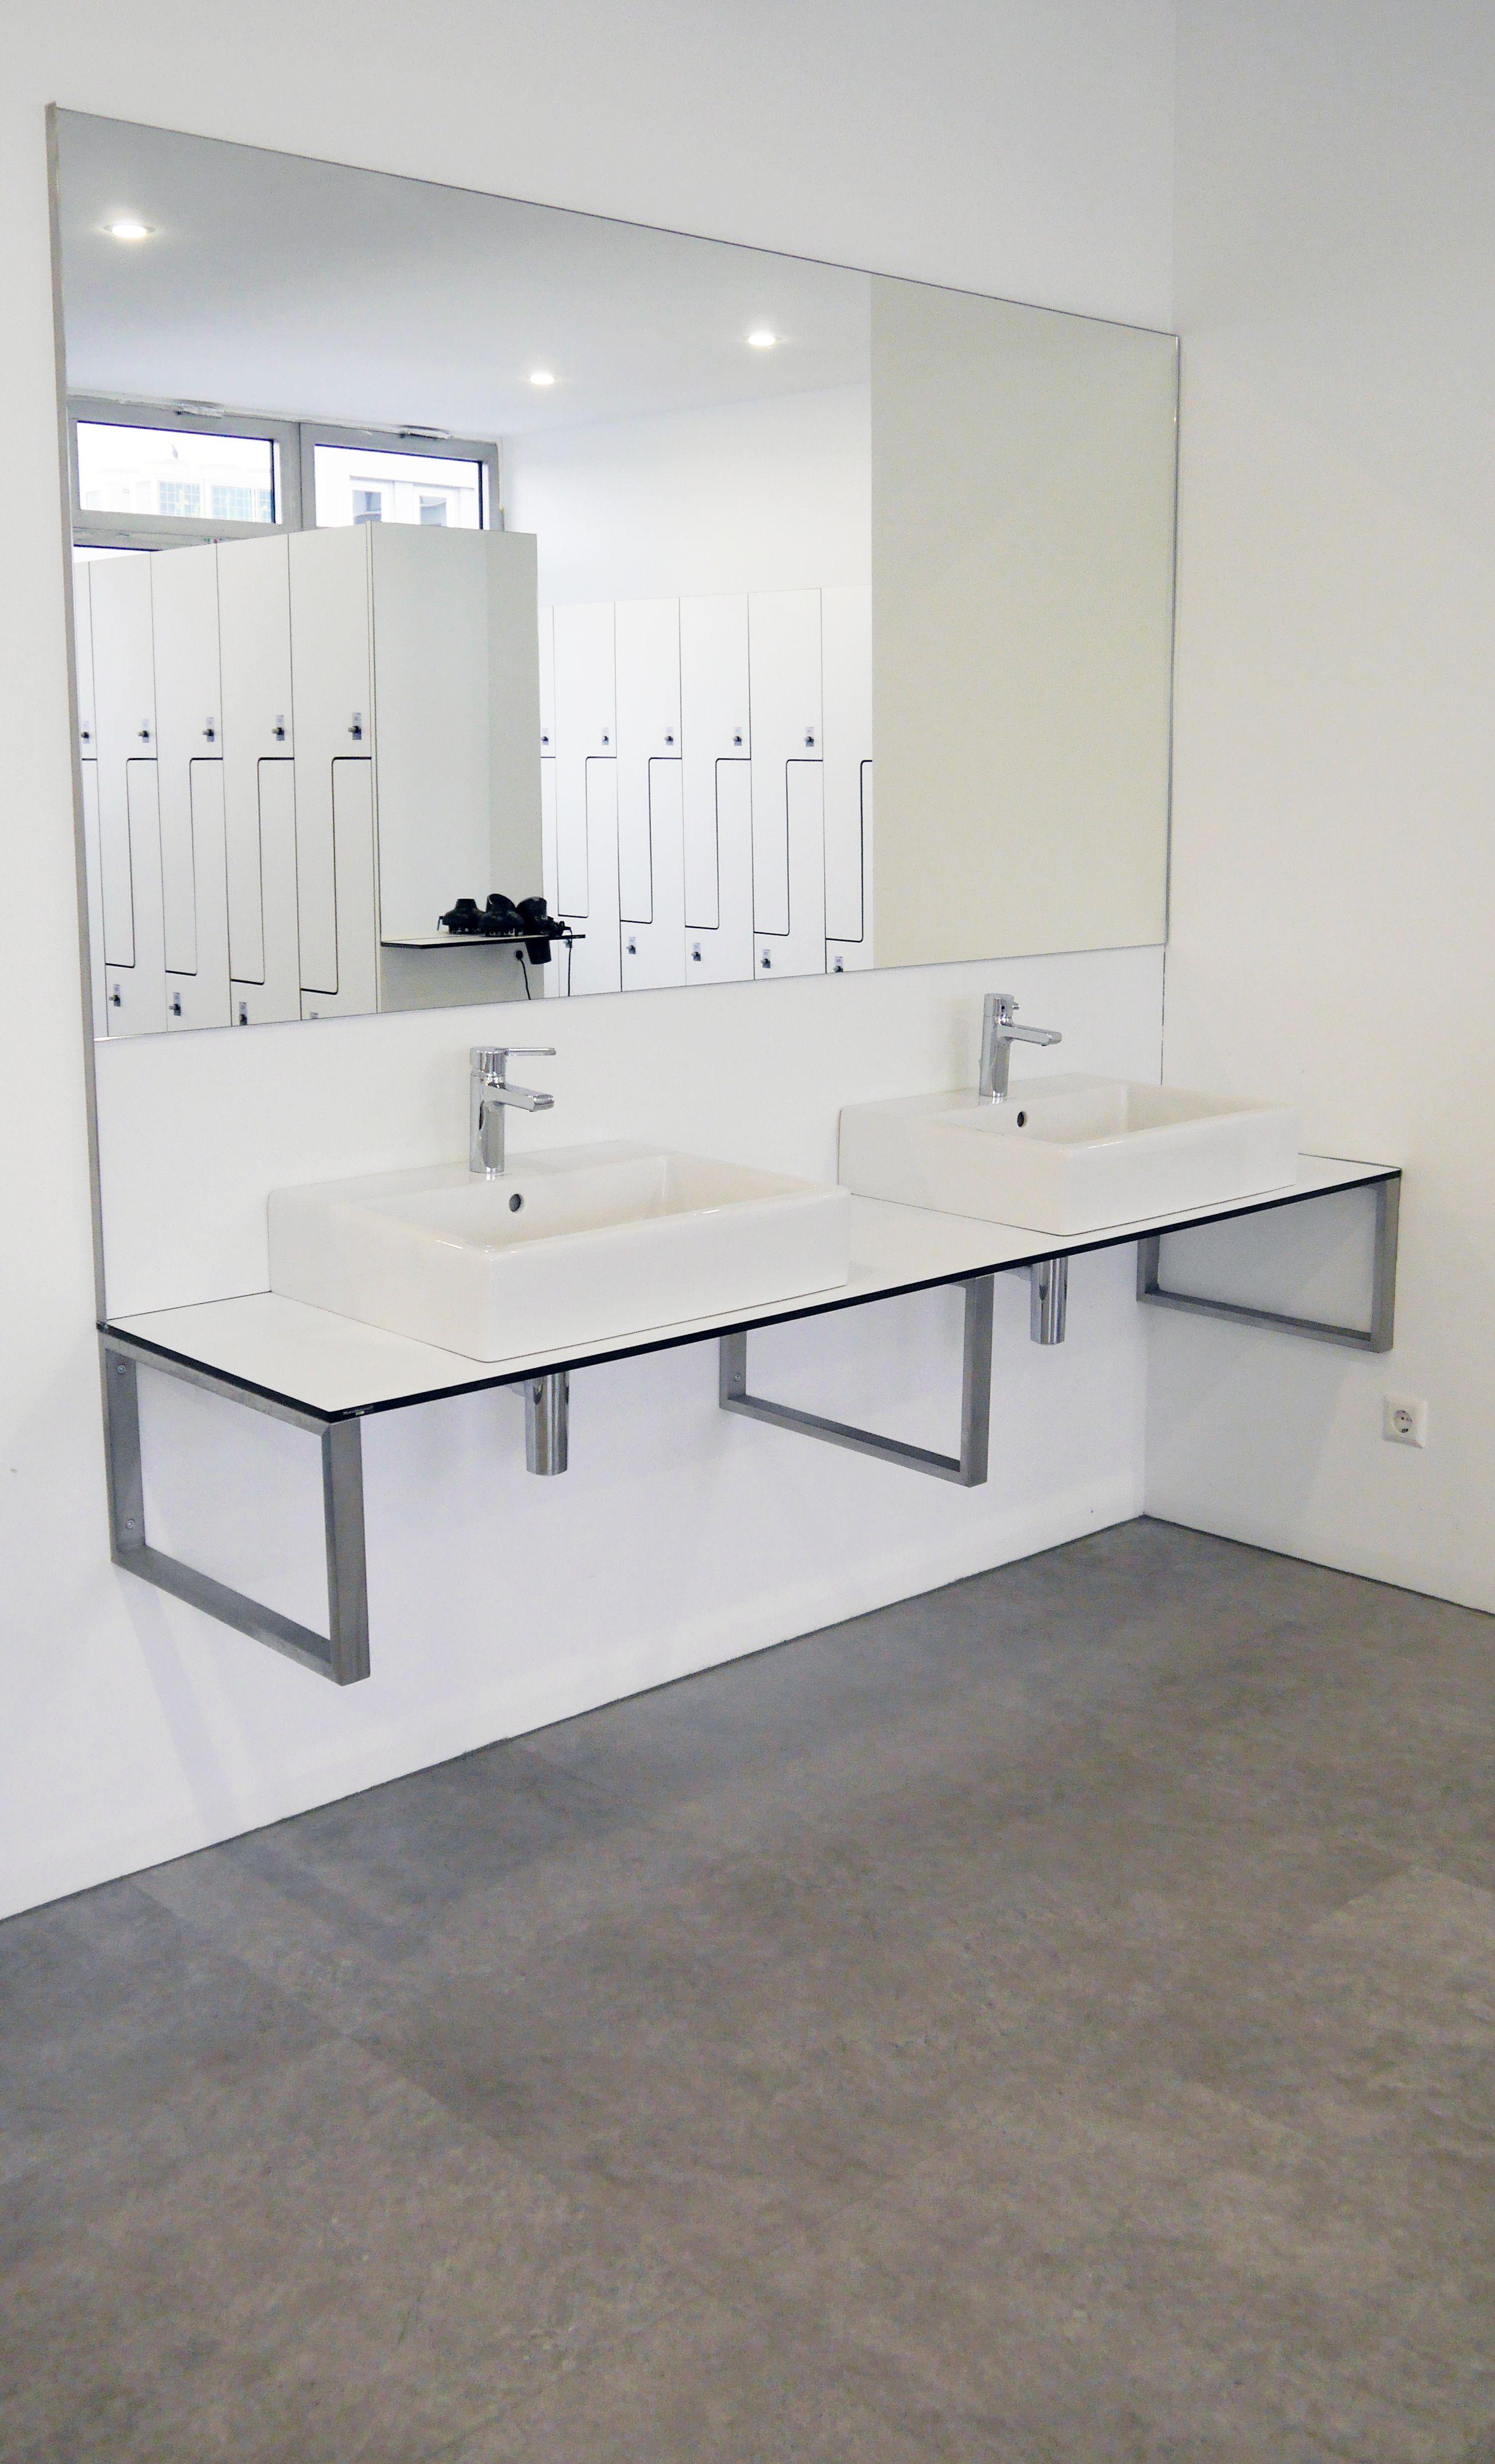 Waschtisch Mit Doppelwaschbecken Und Spiegel Massgefertigte Wandhalter Aus Edelstahl Innenarchitektur Waschtisch Innenausbau